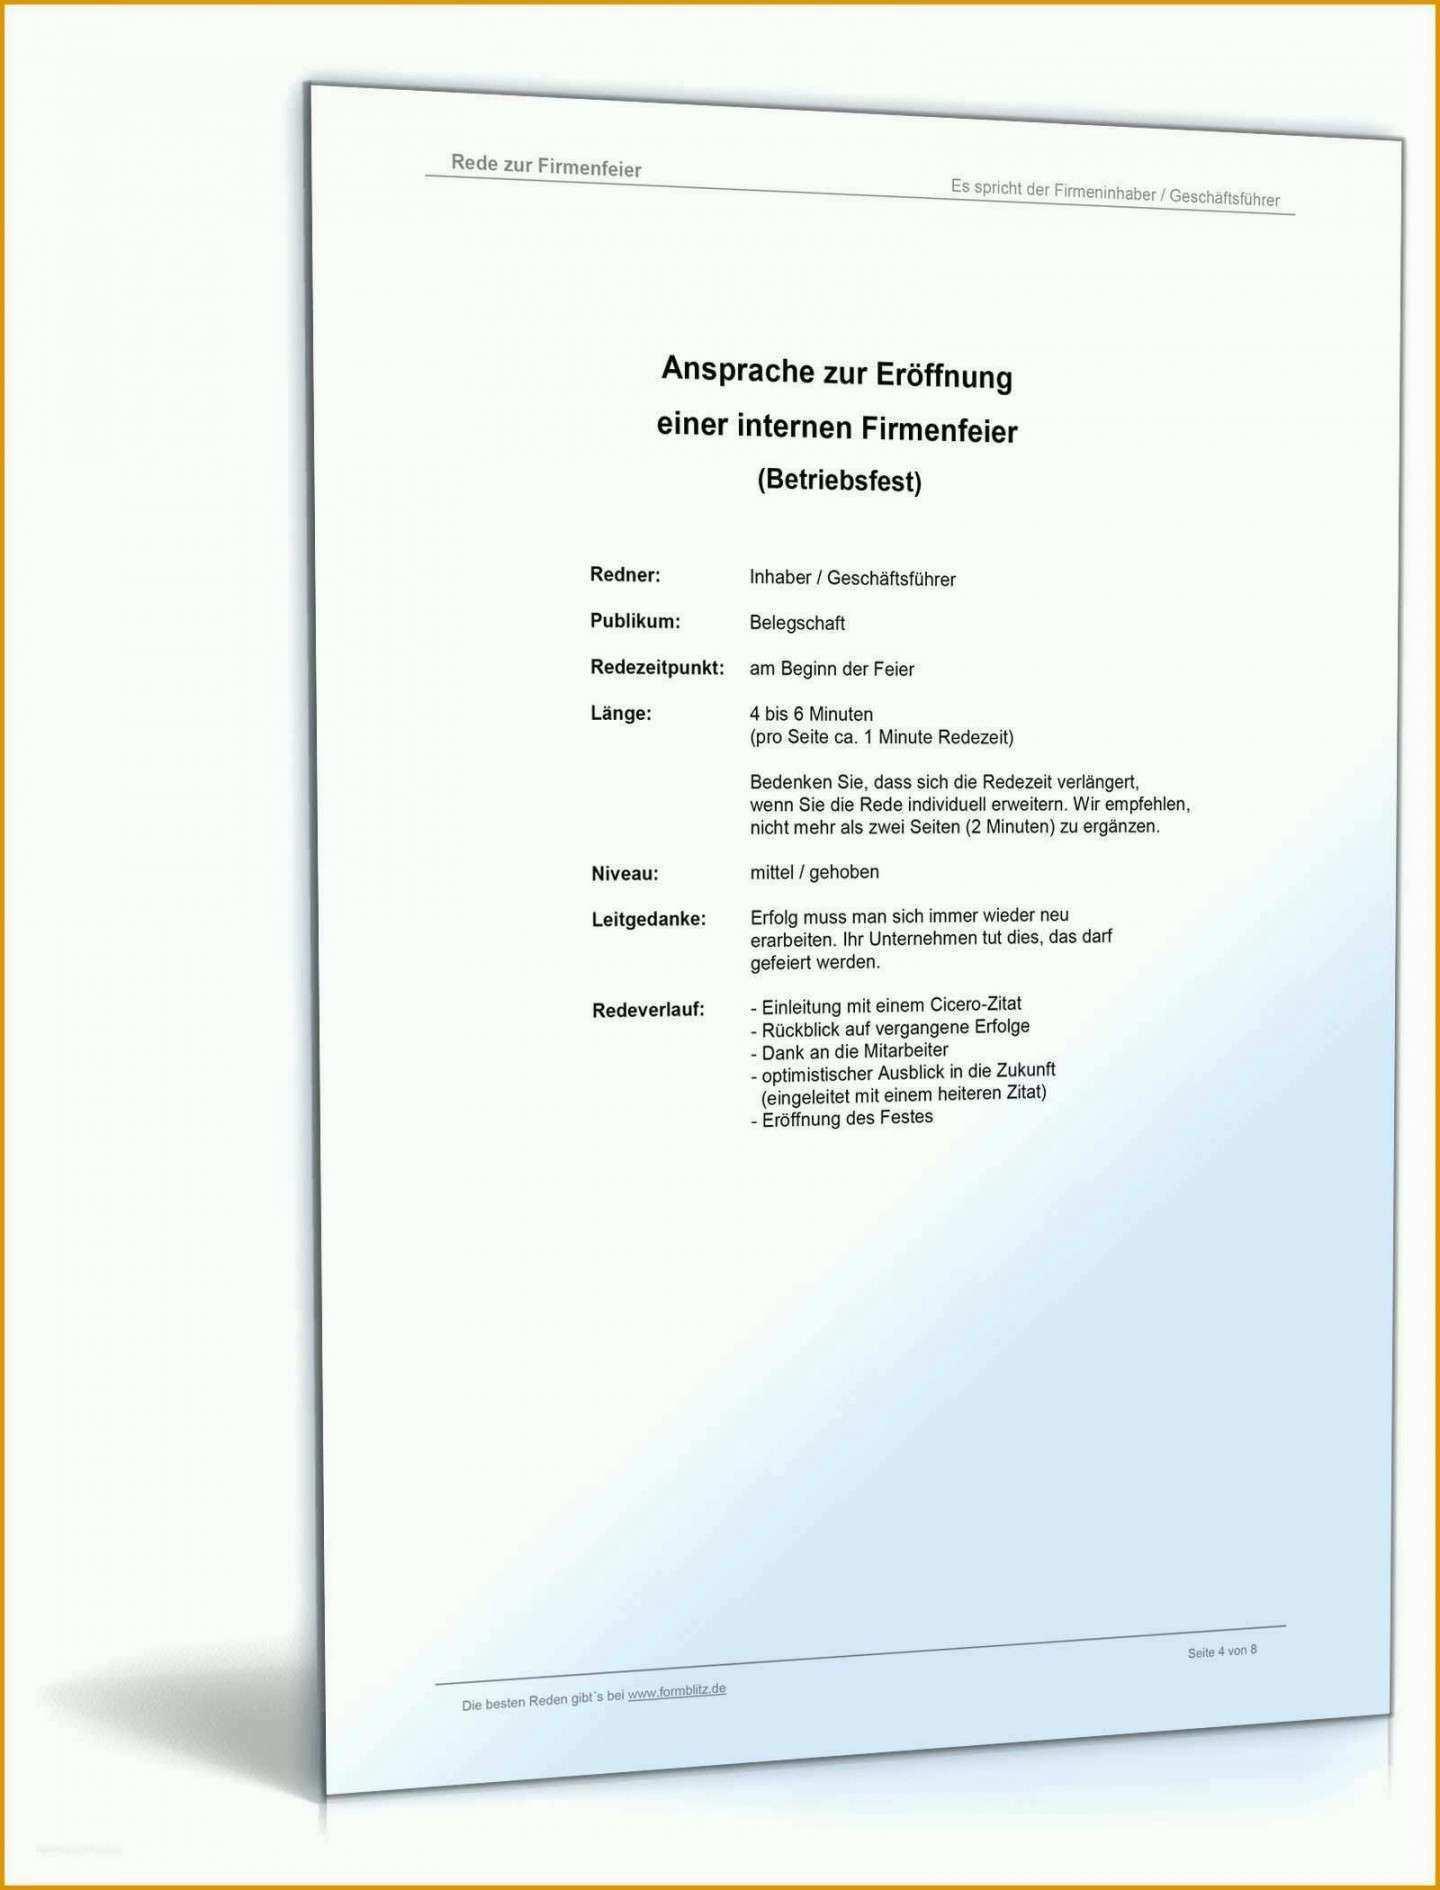 Arbeitsbescheinigung Muster Vorlage Zum Download Arbeitsbescheinigung Bescheinigung Flyer Vorlage